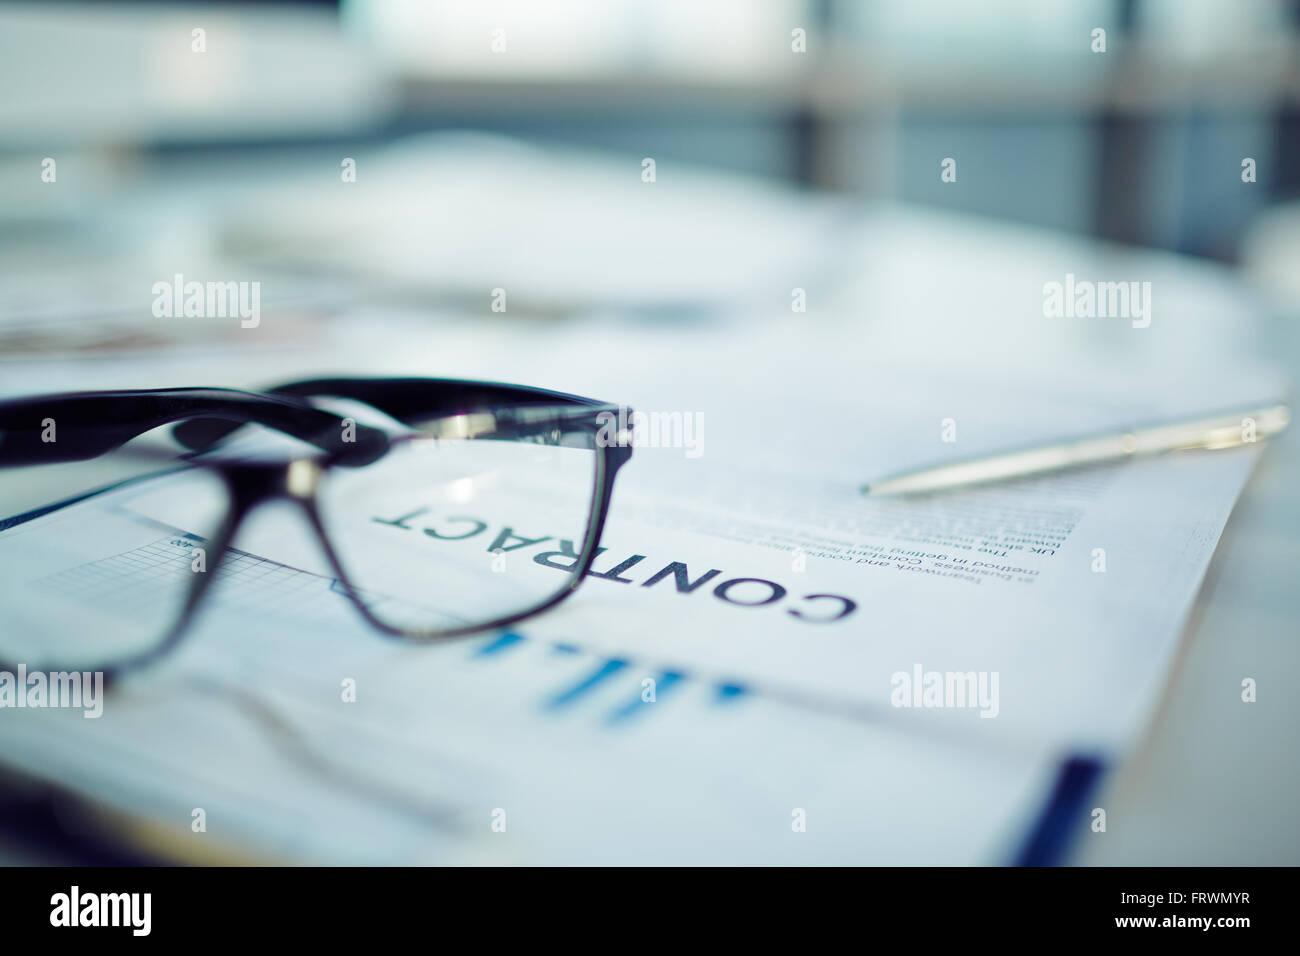 Les détails du contrat d'entreprise Photo Stock